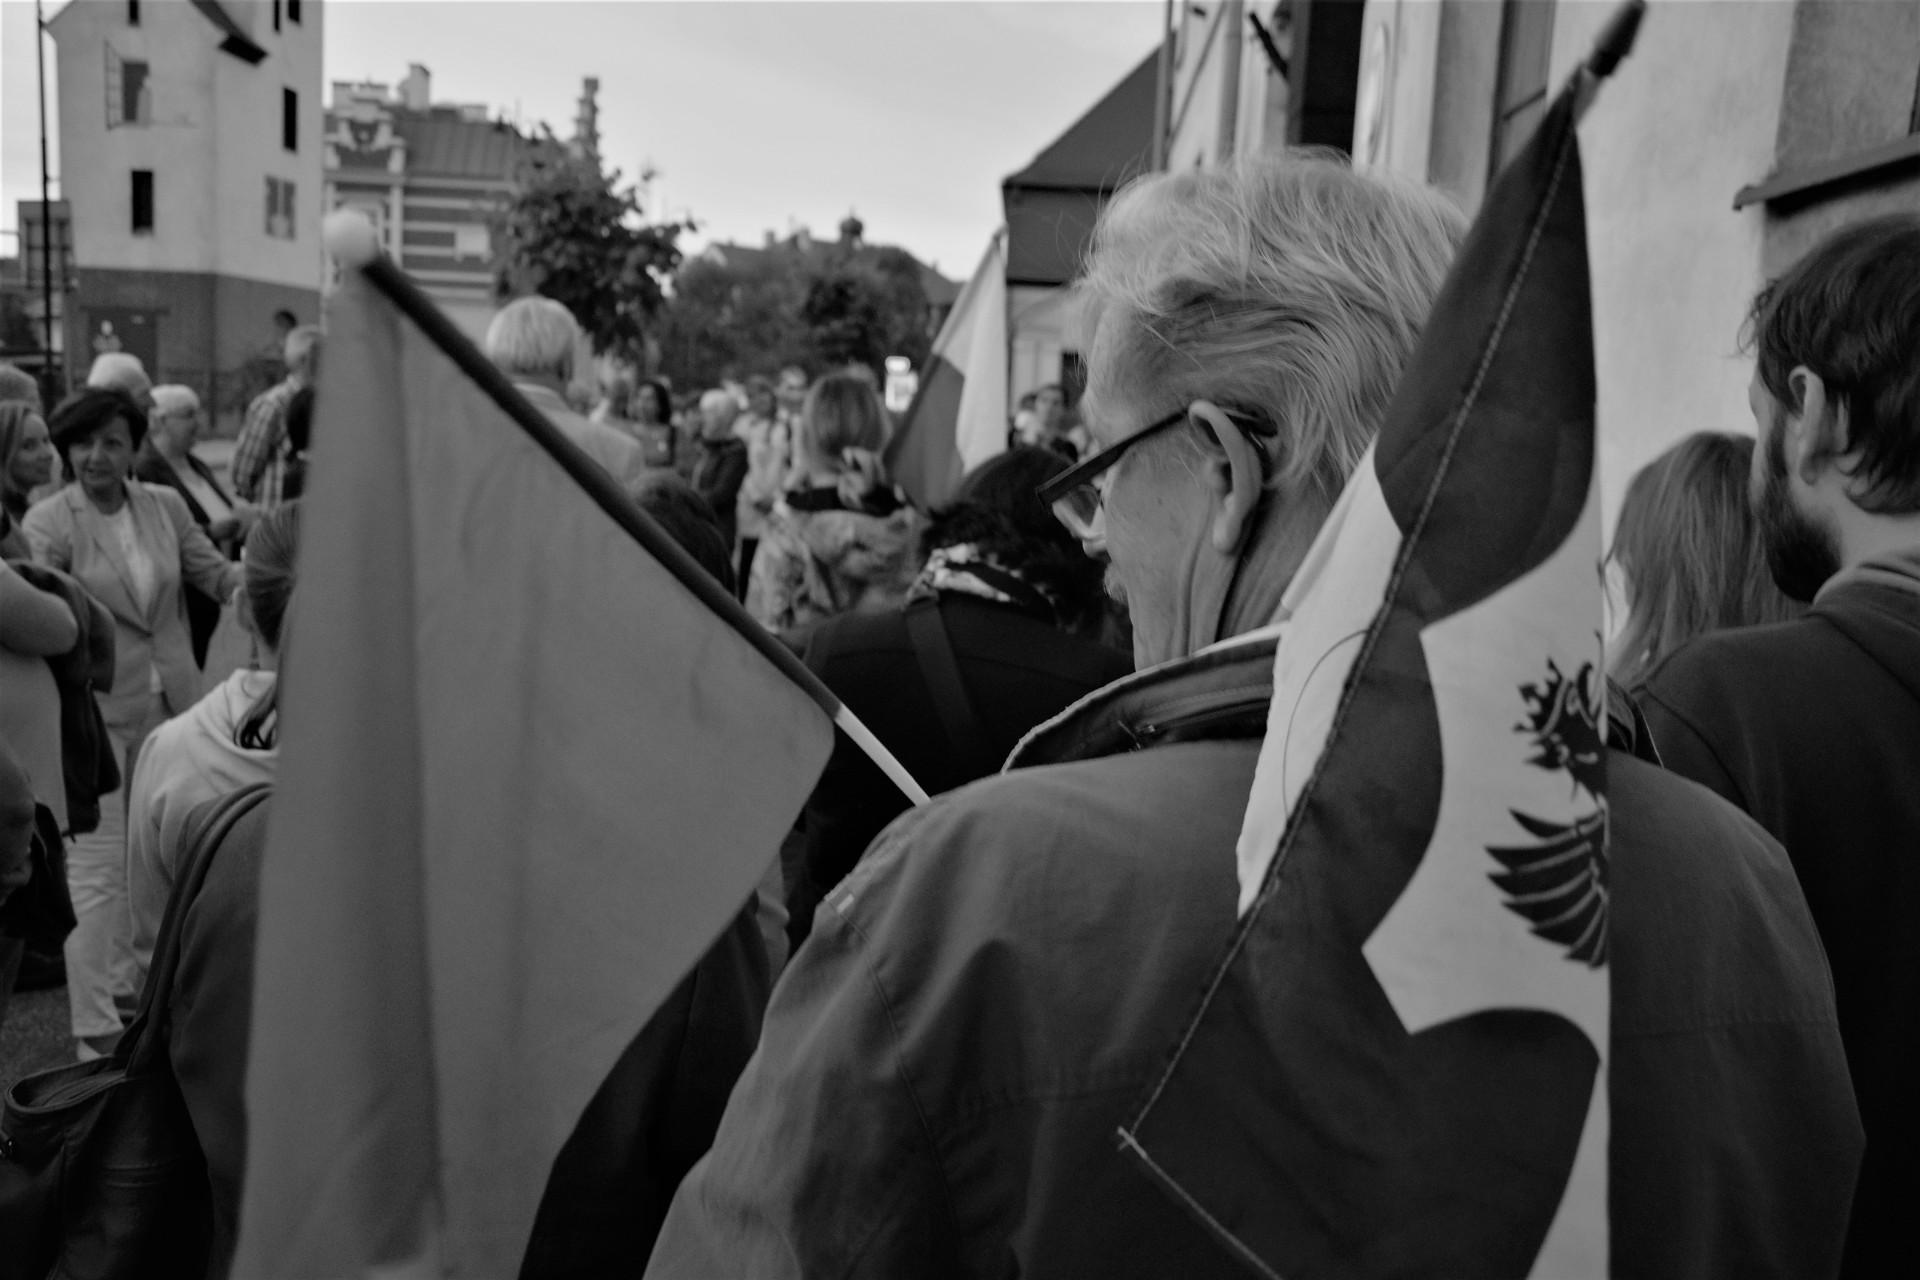 Kartuzy, 24 lipca 2017. Protest w obronie sądów. Fot. Tomasz Słomczyński/Magazyn Kaszuby